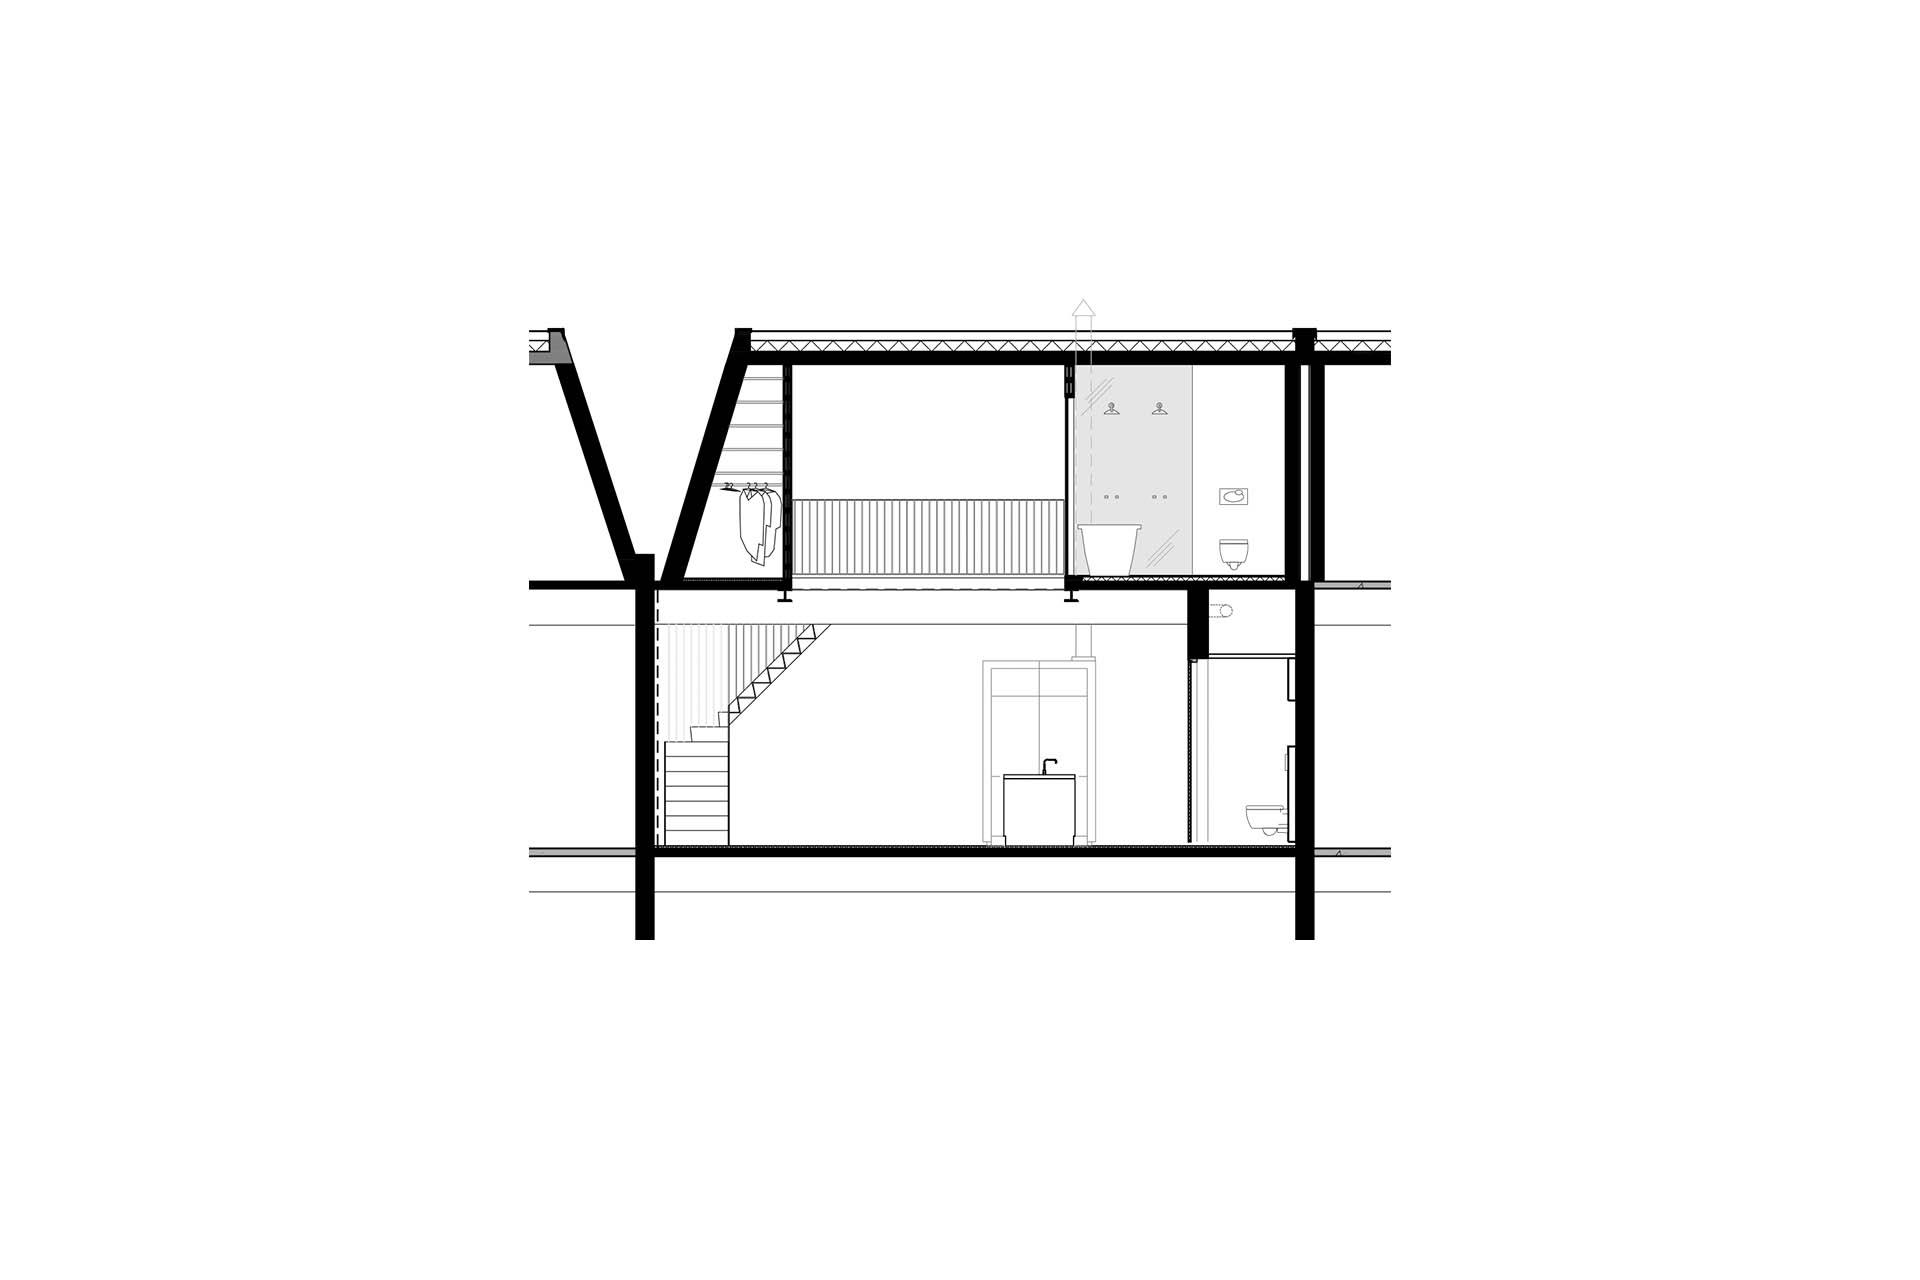 EVA architecten Coolhaven dr02